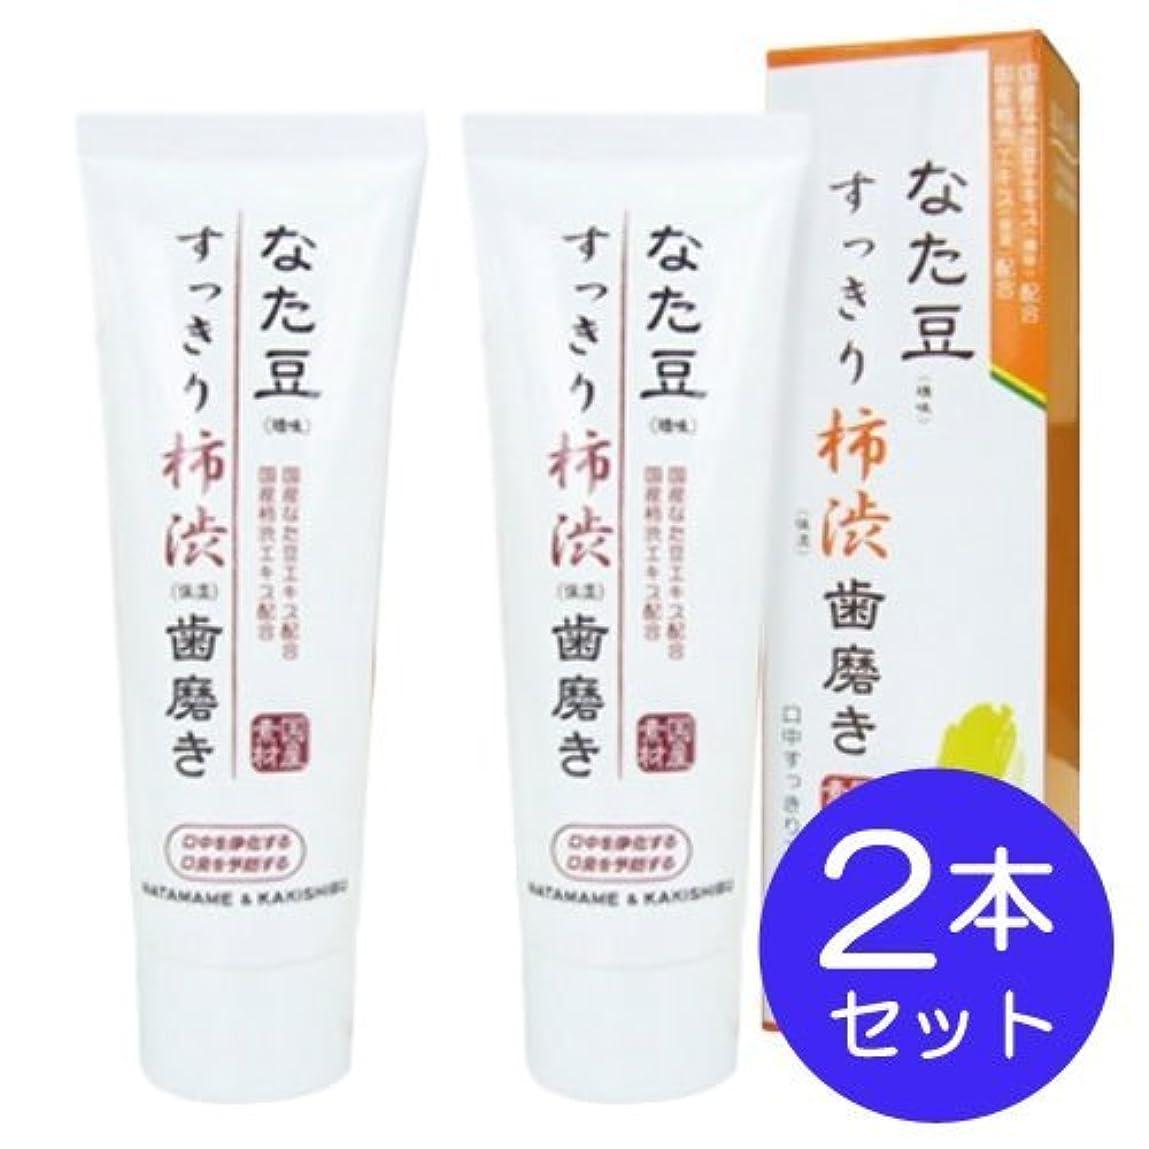 報告書わざわざ買い手なた豆すっきり柿渋歯磨き粉 (2個)